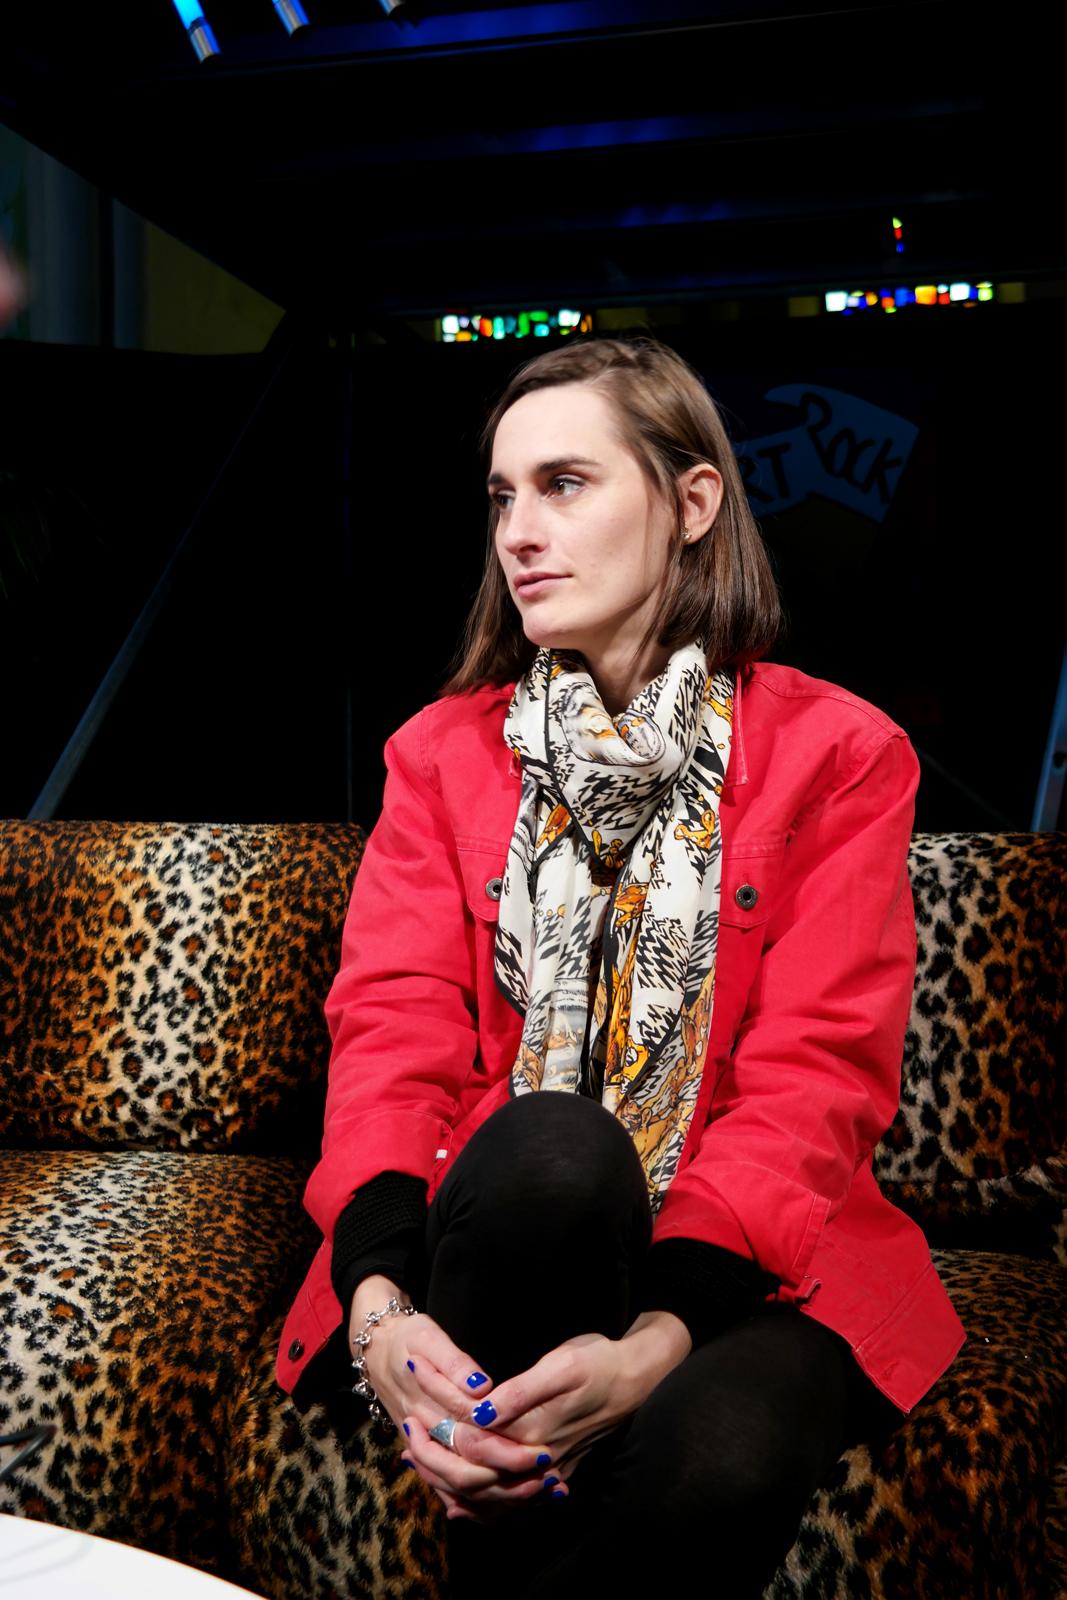 Yelle concert art rok 2015 festival saint brieuc Julie Budet interview conférence de presse bretagne tournée complétement fou tour photo by united states of paris blog